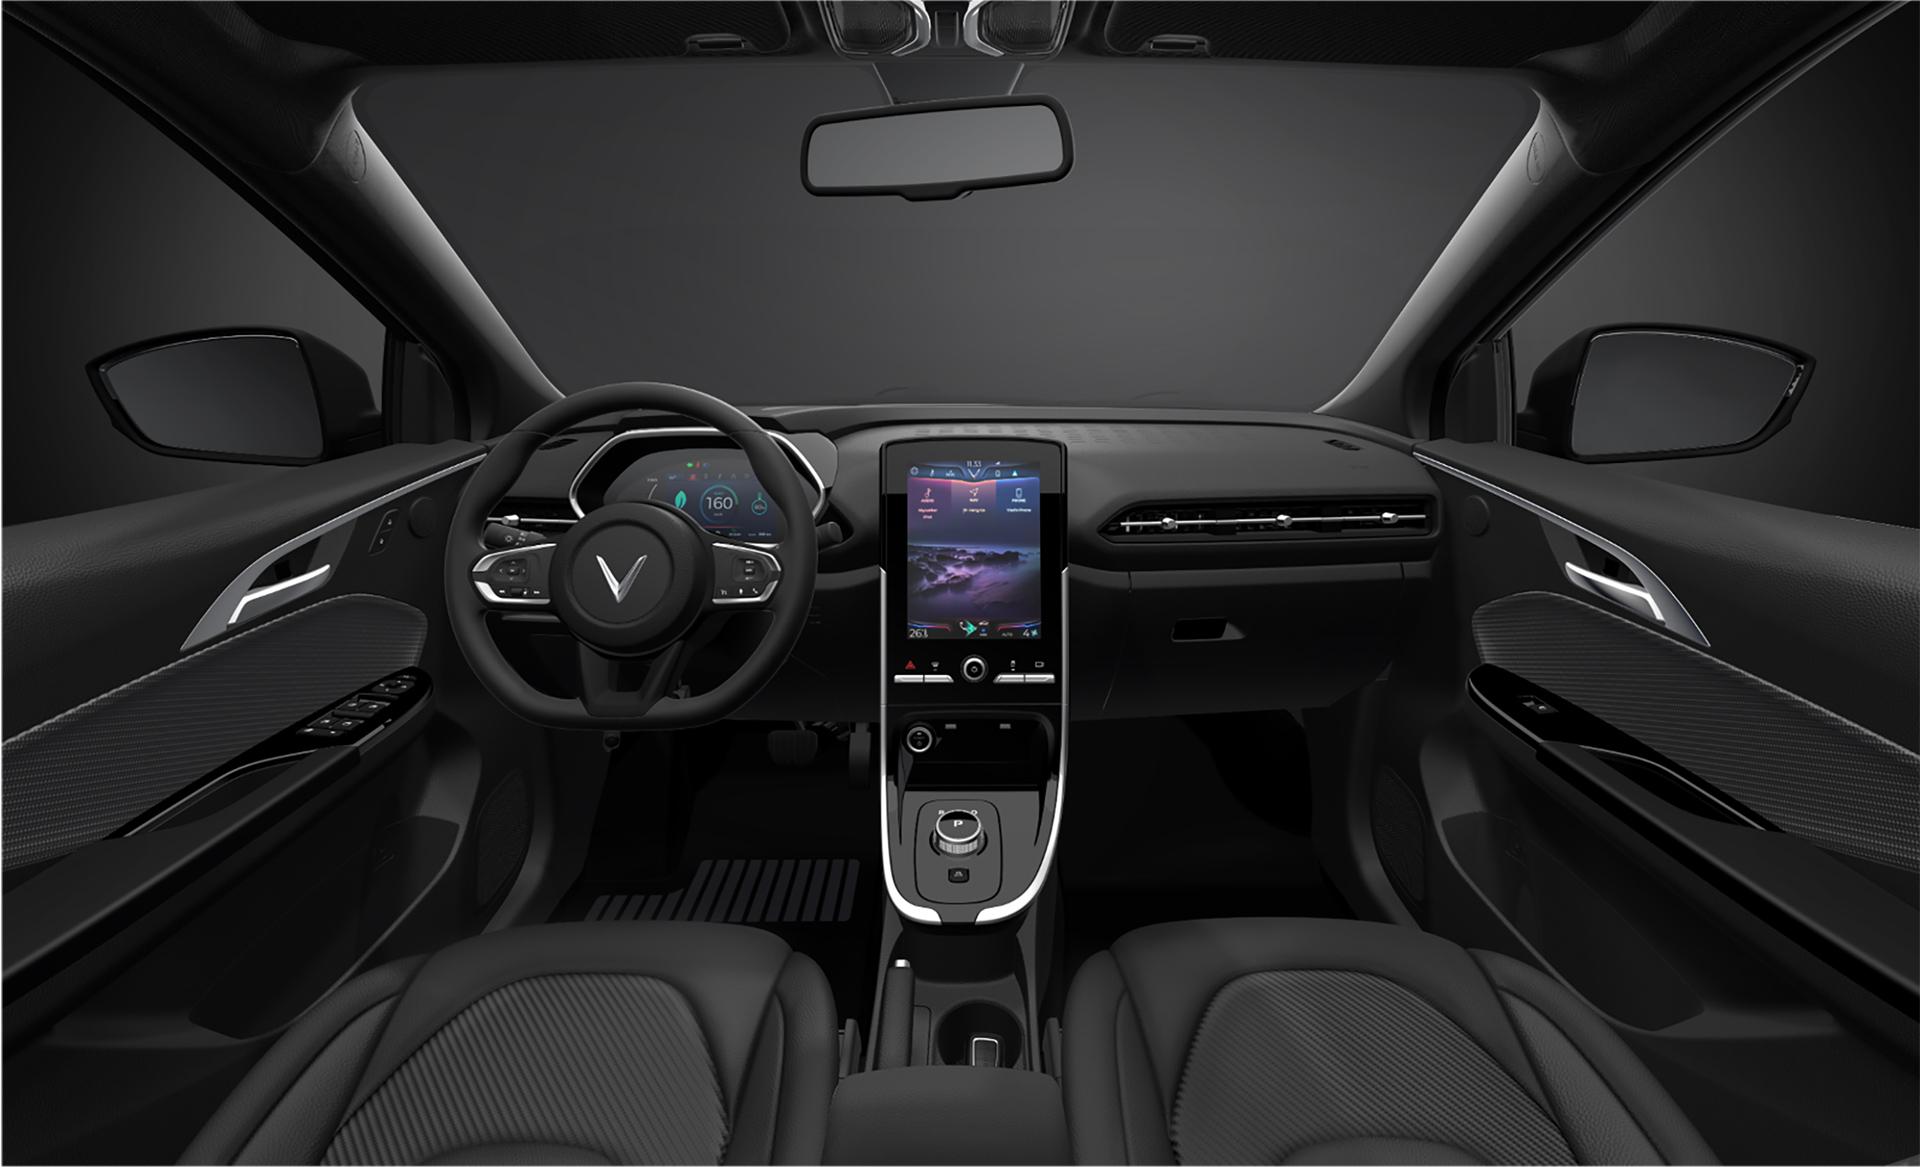 VinFast ra mắt 3 dòng ô tô điện tự lái - Khẳng định tầm nhìn trở thành hãng xe điện thông minh toàn cầu 10